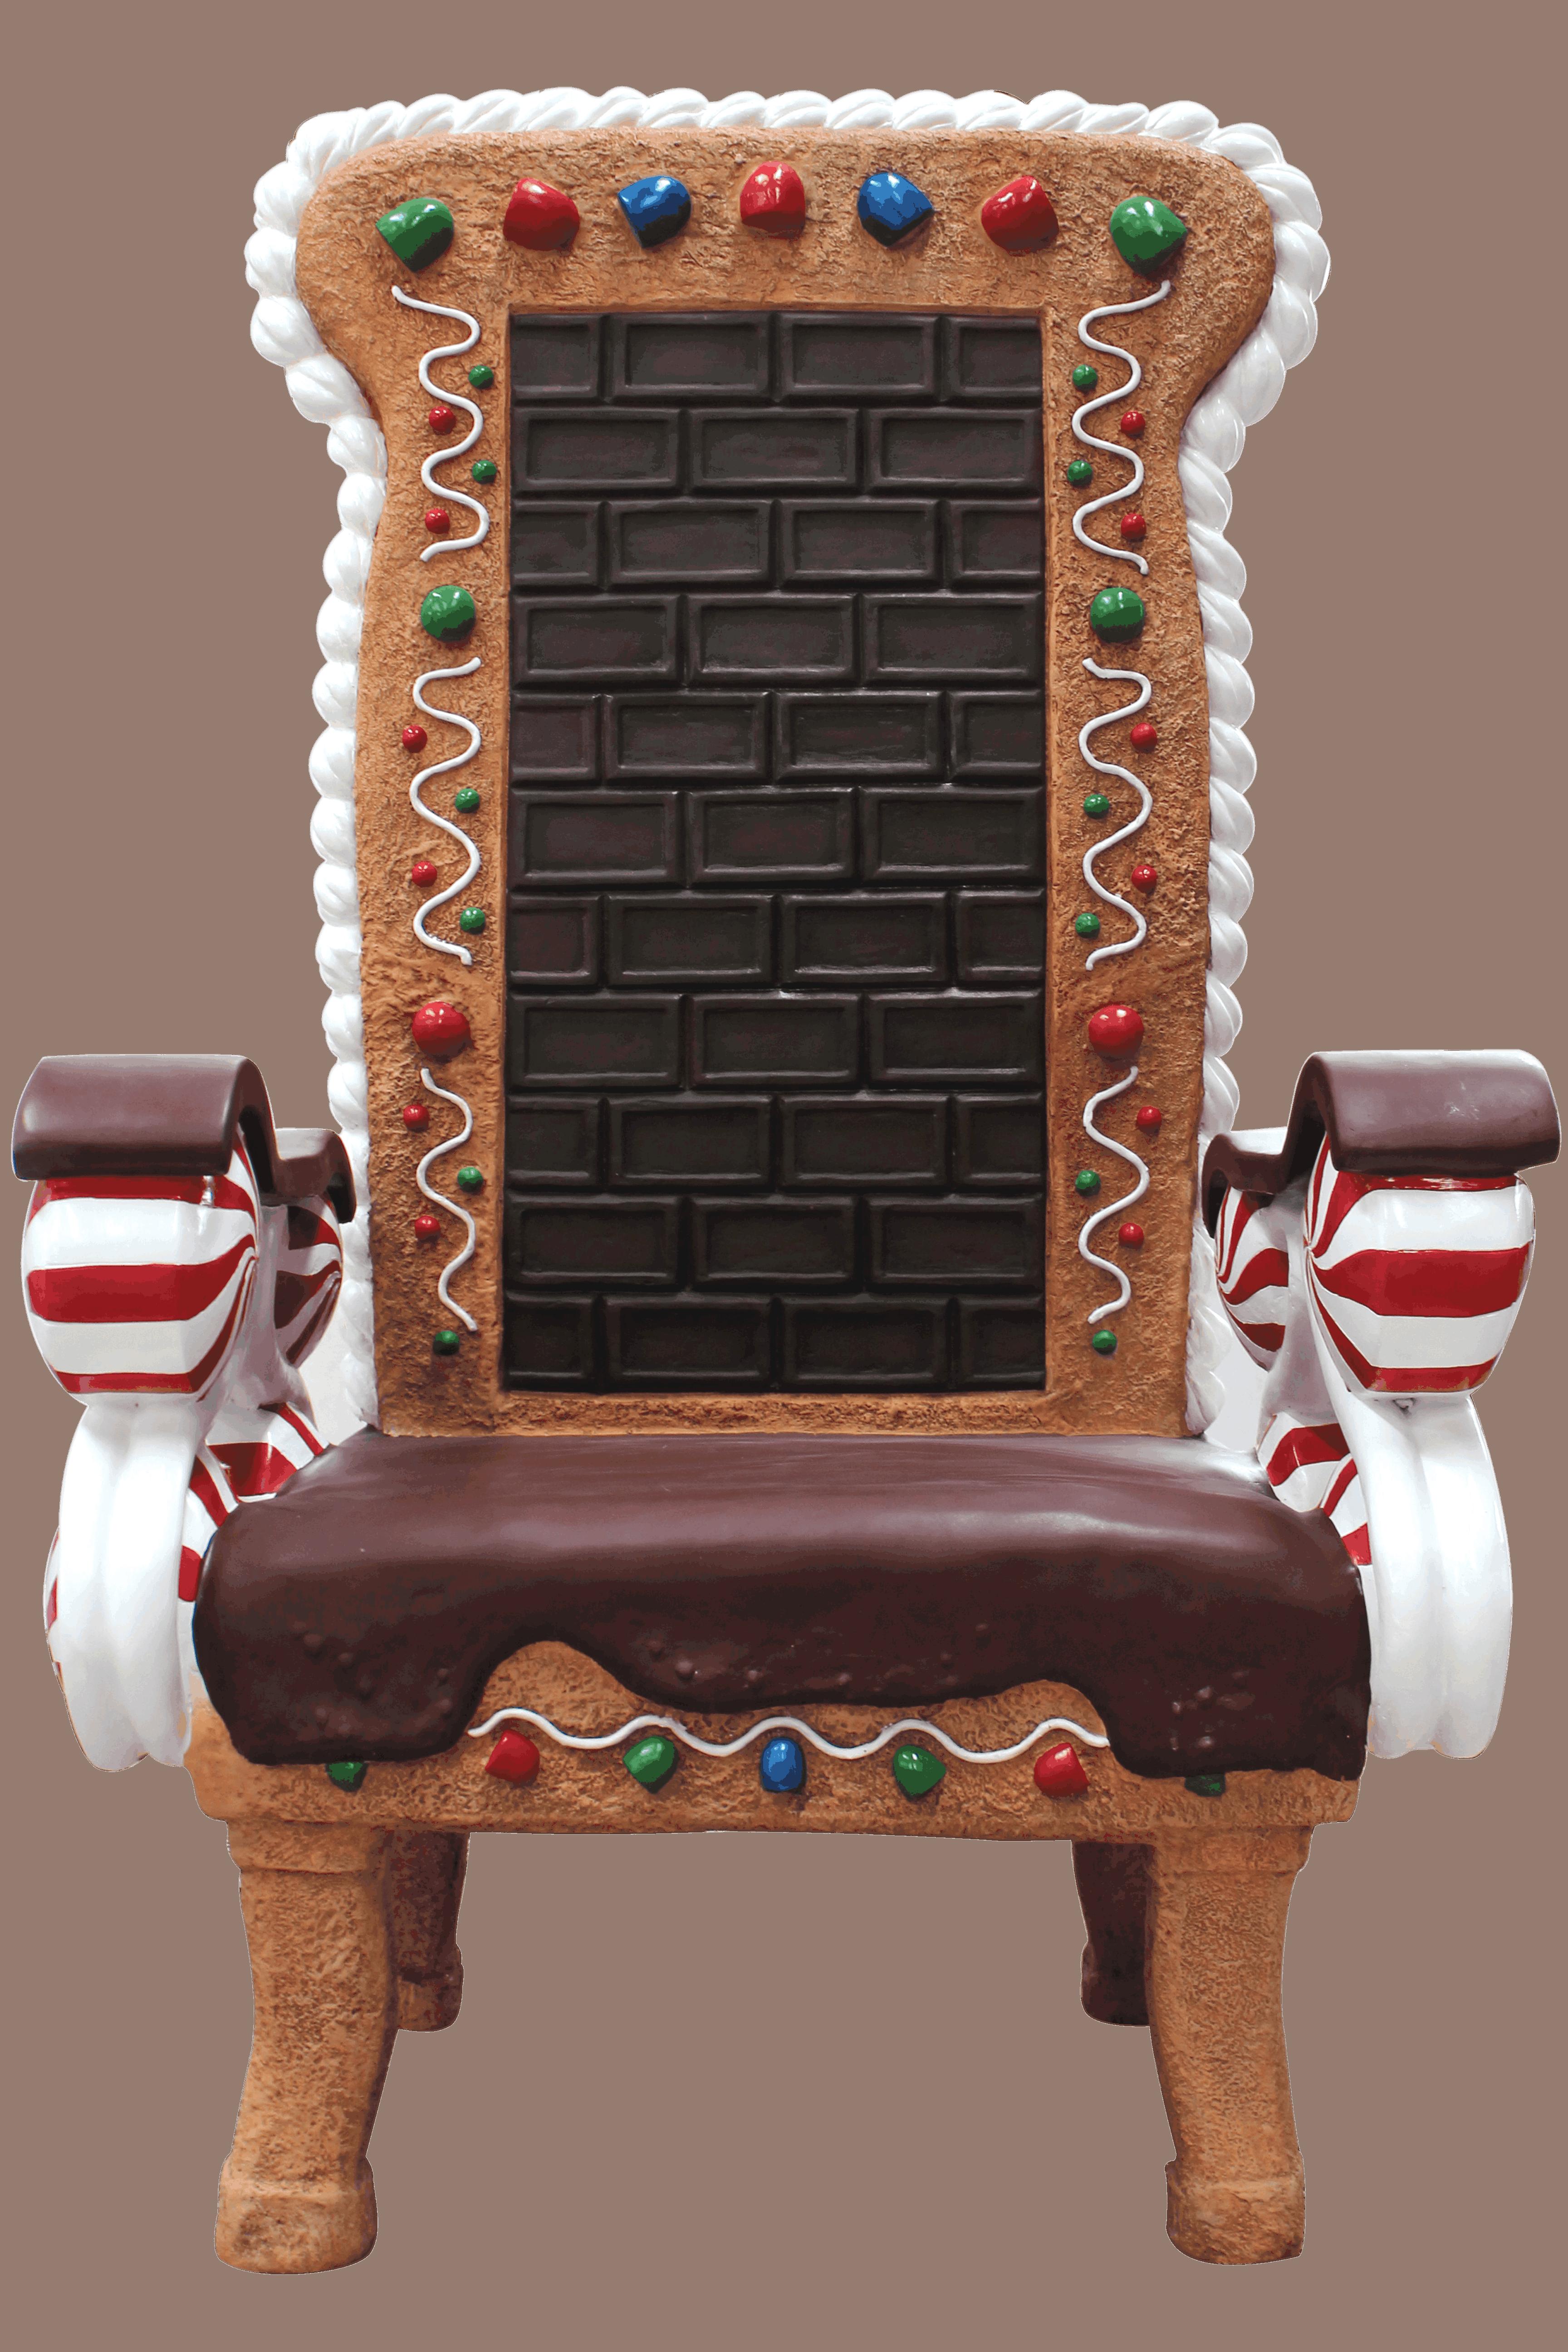 כיסא מעוצב משוקולד וסוכריות